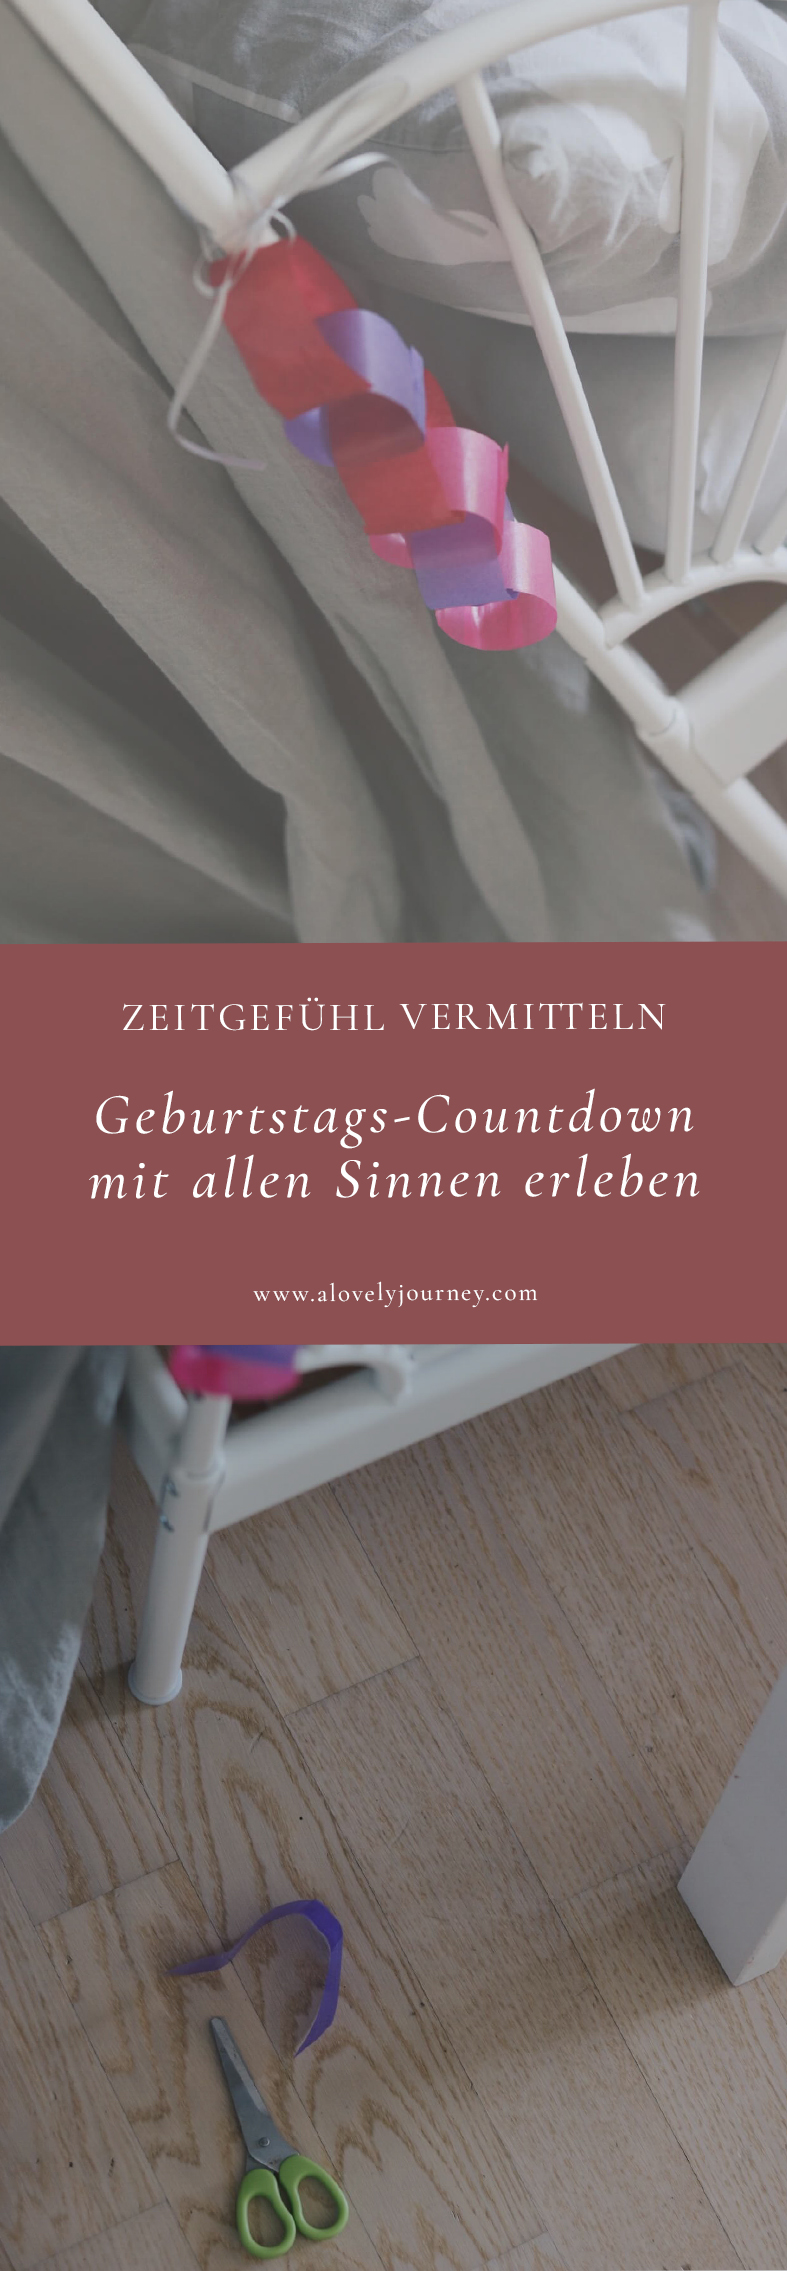 Zeitgefühl vermitteln - Countdown für Kinder